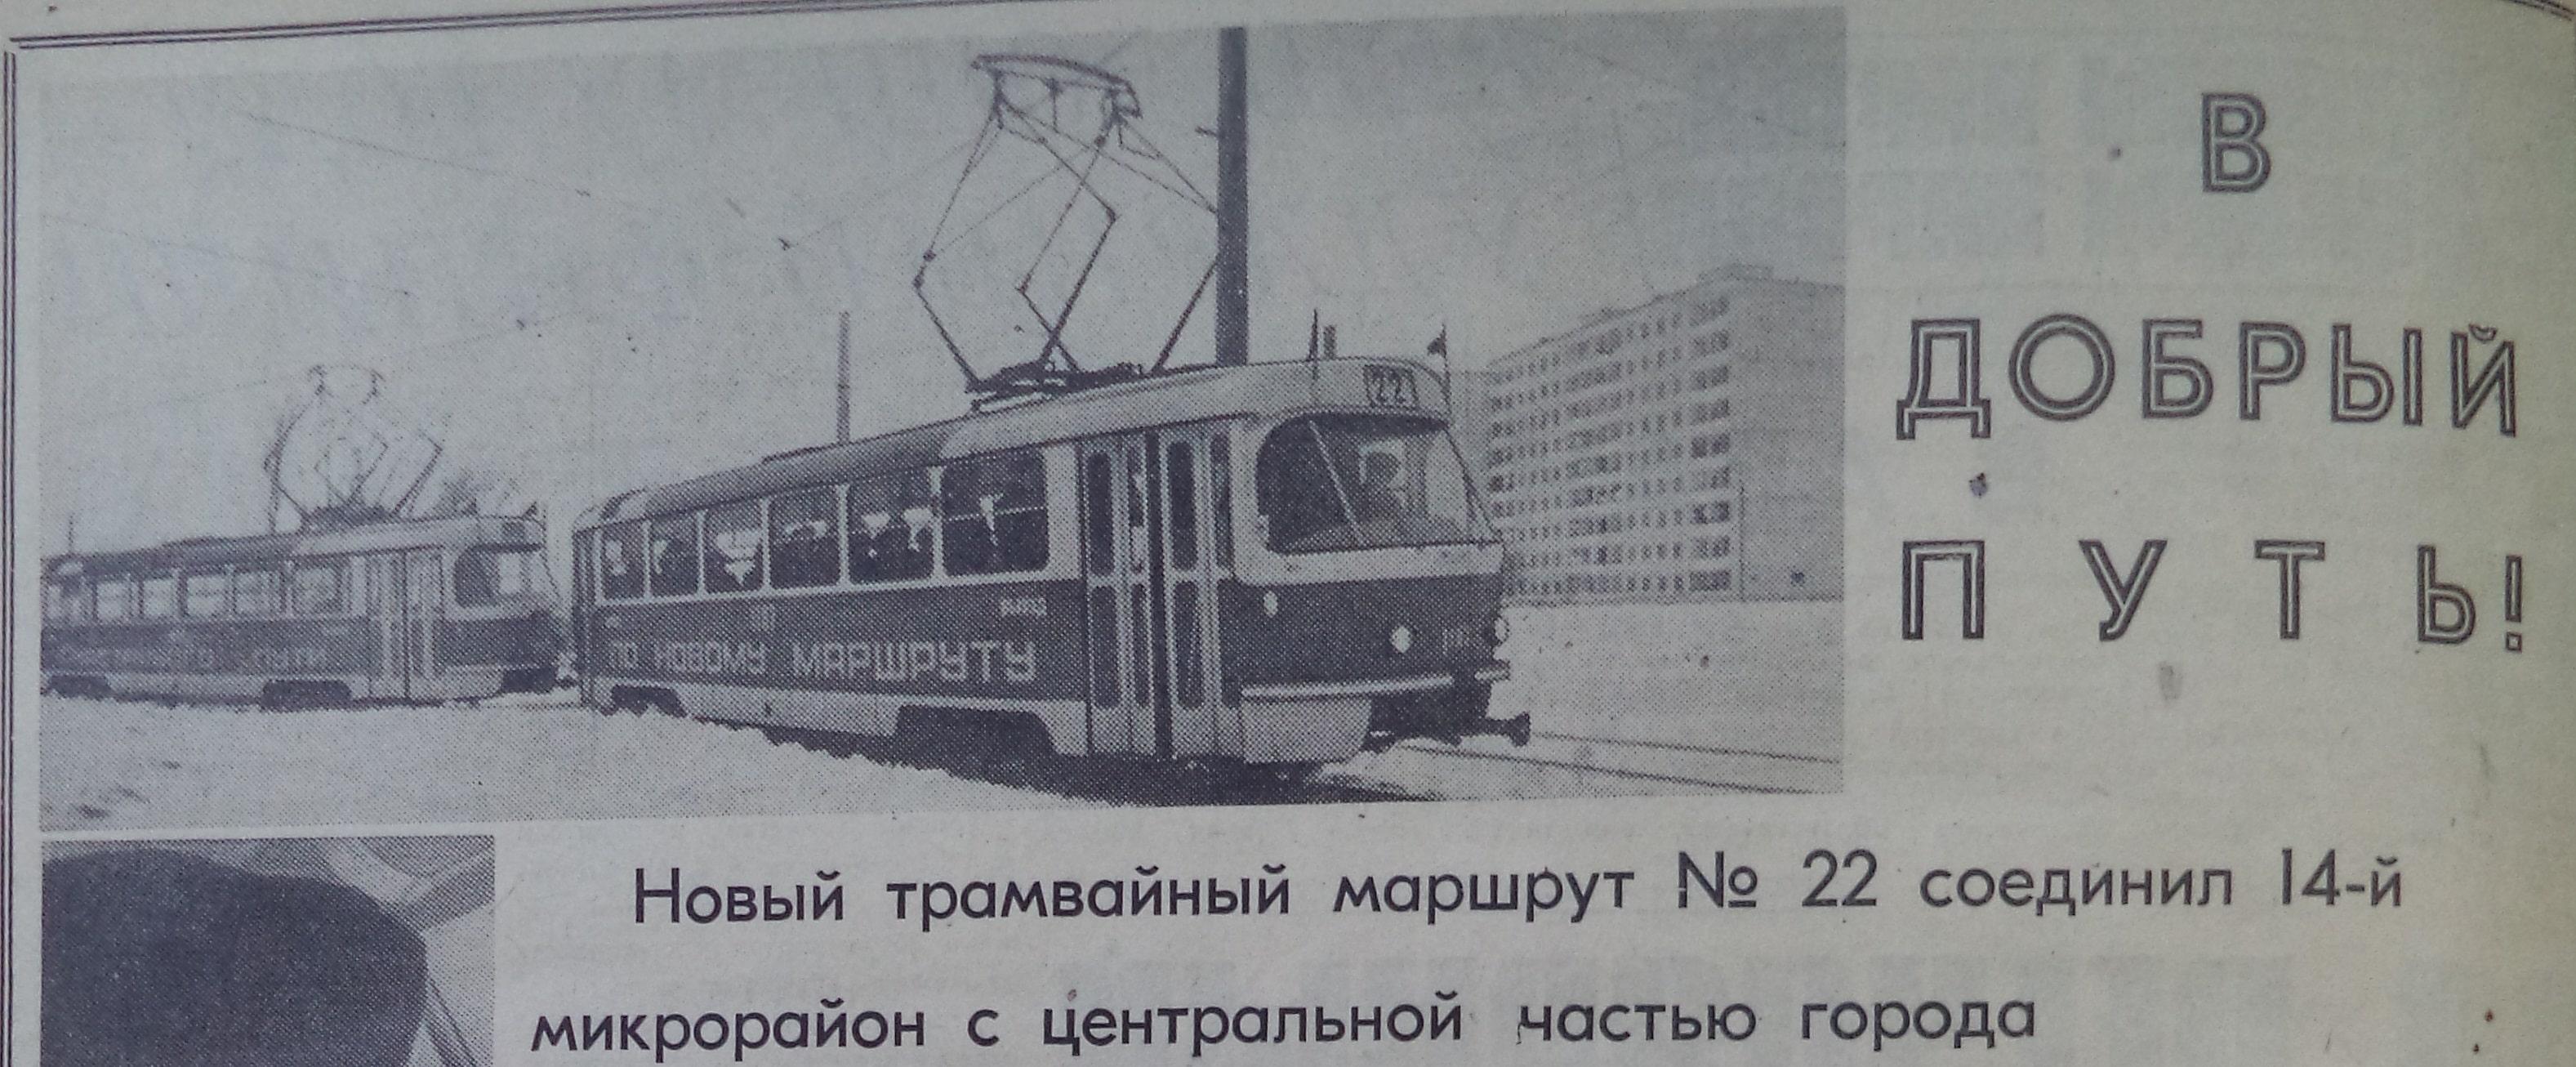 Ташкентская-ФОТО-38-ЗРР-1973-12-20-пуск трамвая № 22